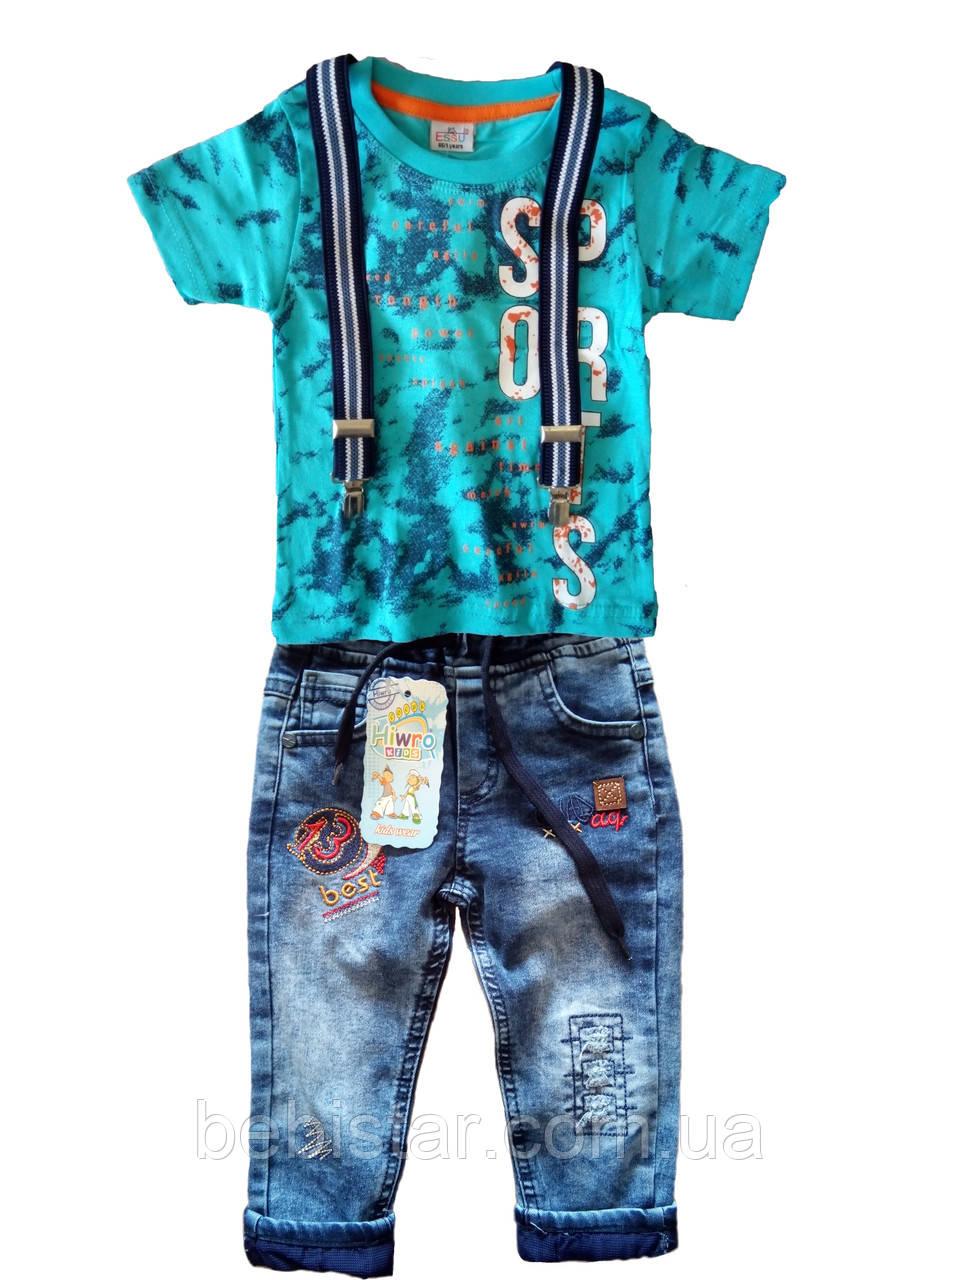 Джинсы на подтяжках синий манжет и футболка спорт для мальчика 1-4 года